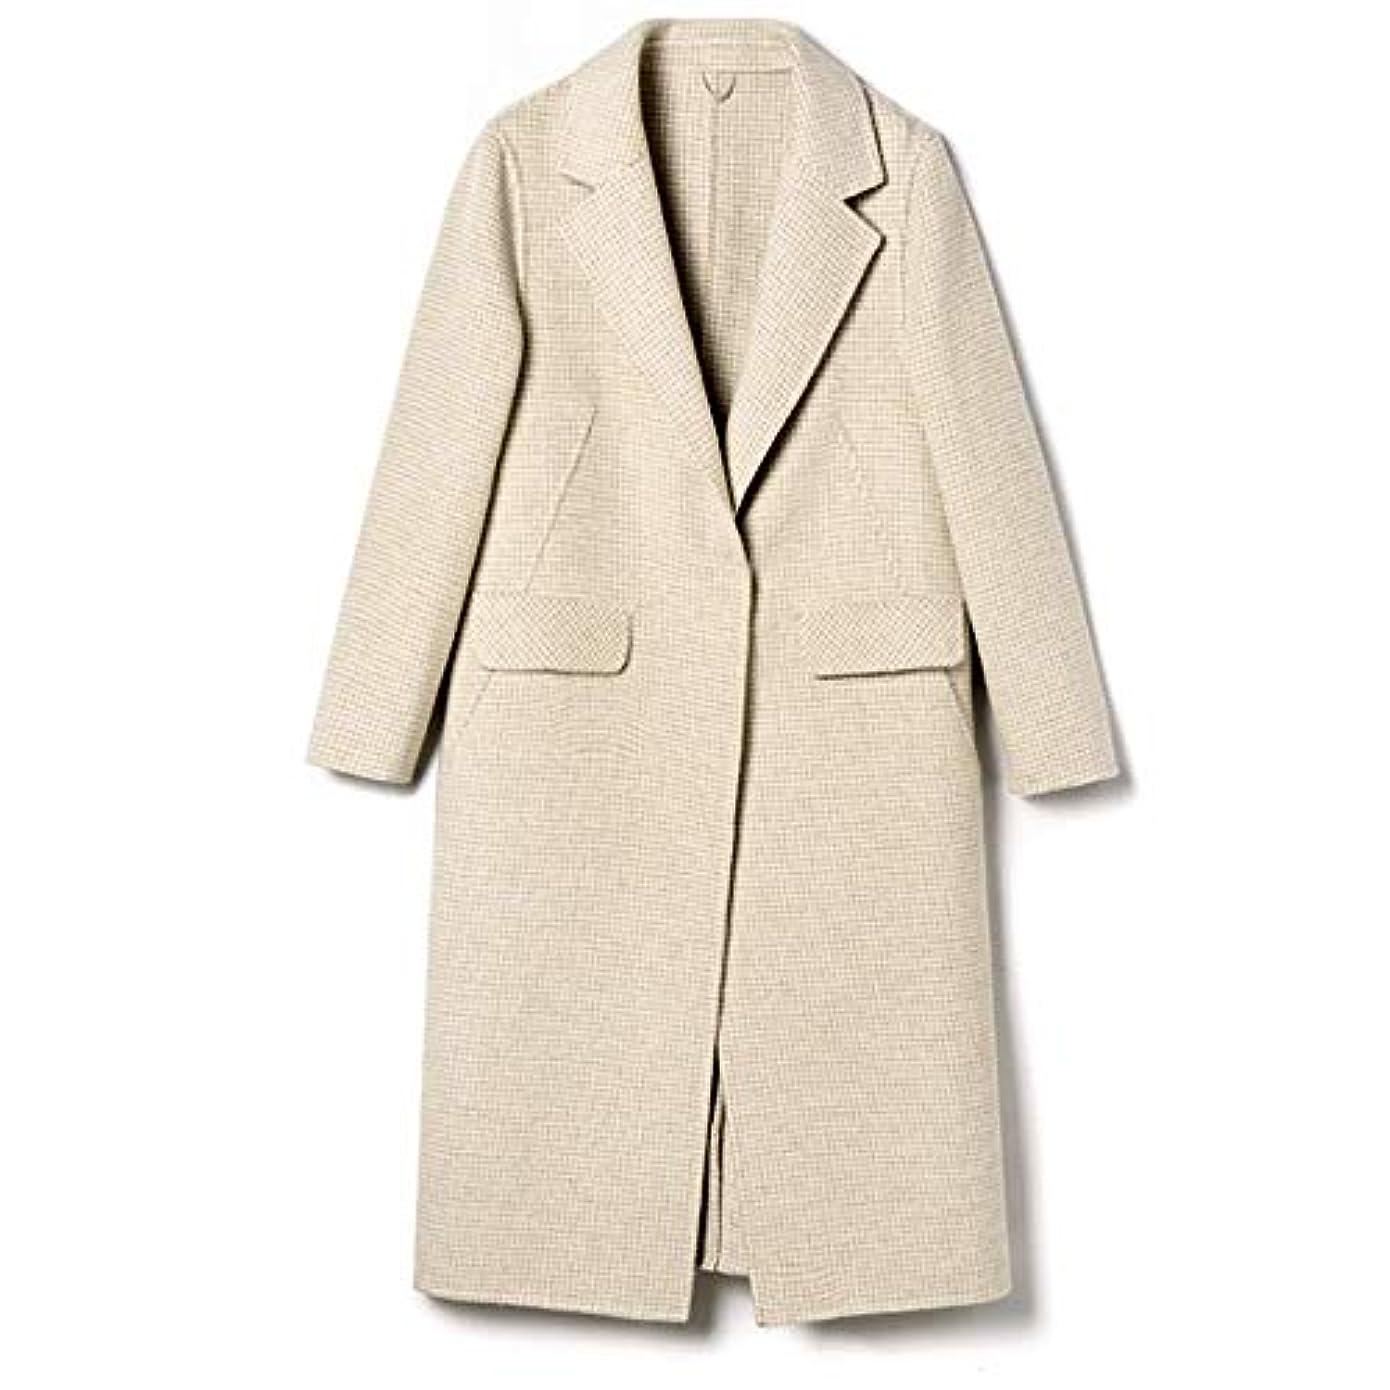 適切な抑制毒液秋と冬の新しいウールコート、ハンドメイド両面カシミヤコート長いセクションの女性ウールコートレディースジャケットレディースウインドブレーカージャケット,C,XL